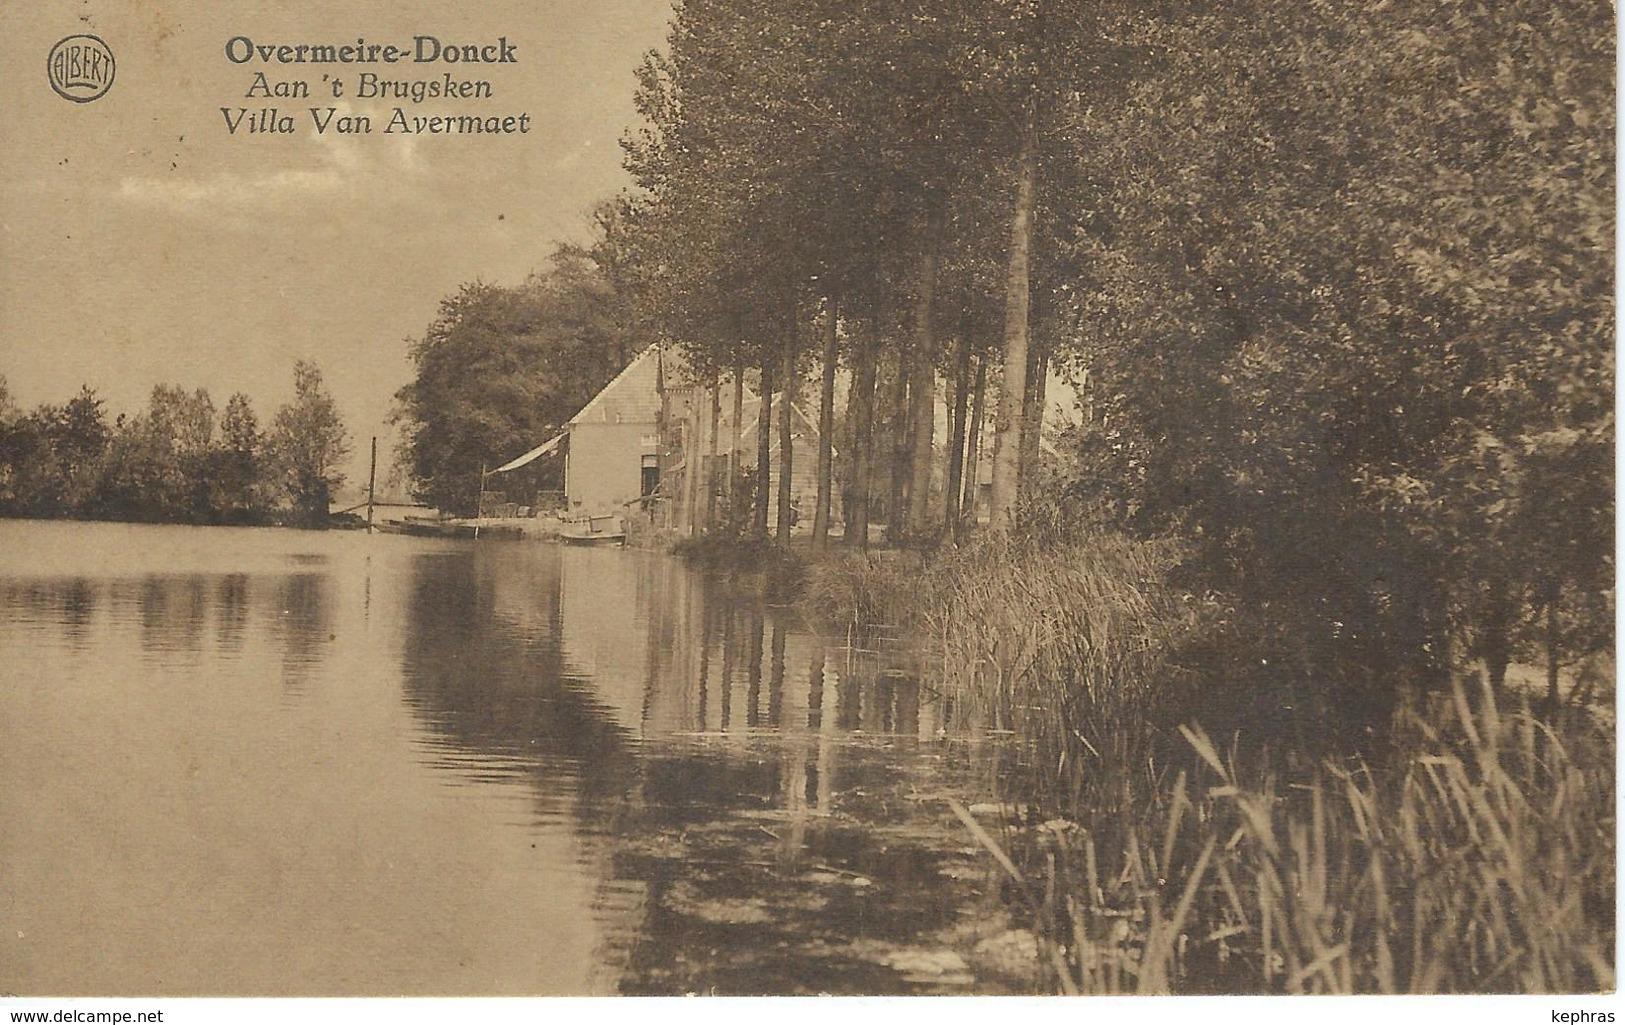 OVERMEIRE-DONCK : Aan't Brugsken - Villa Van Avermaet - RARE CPA - Cachet De La Poste 1935 - Berlare